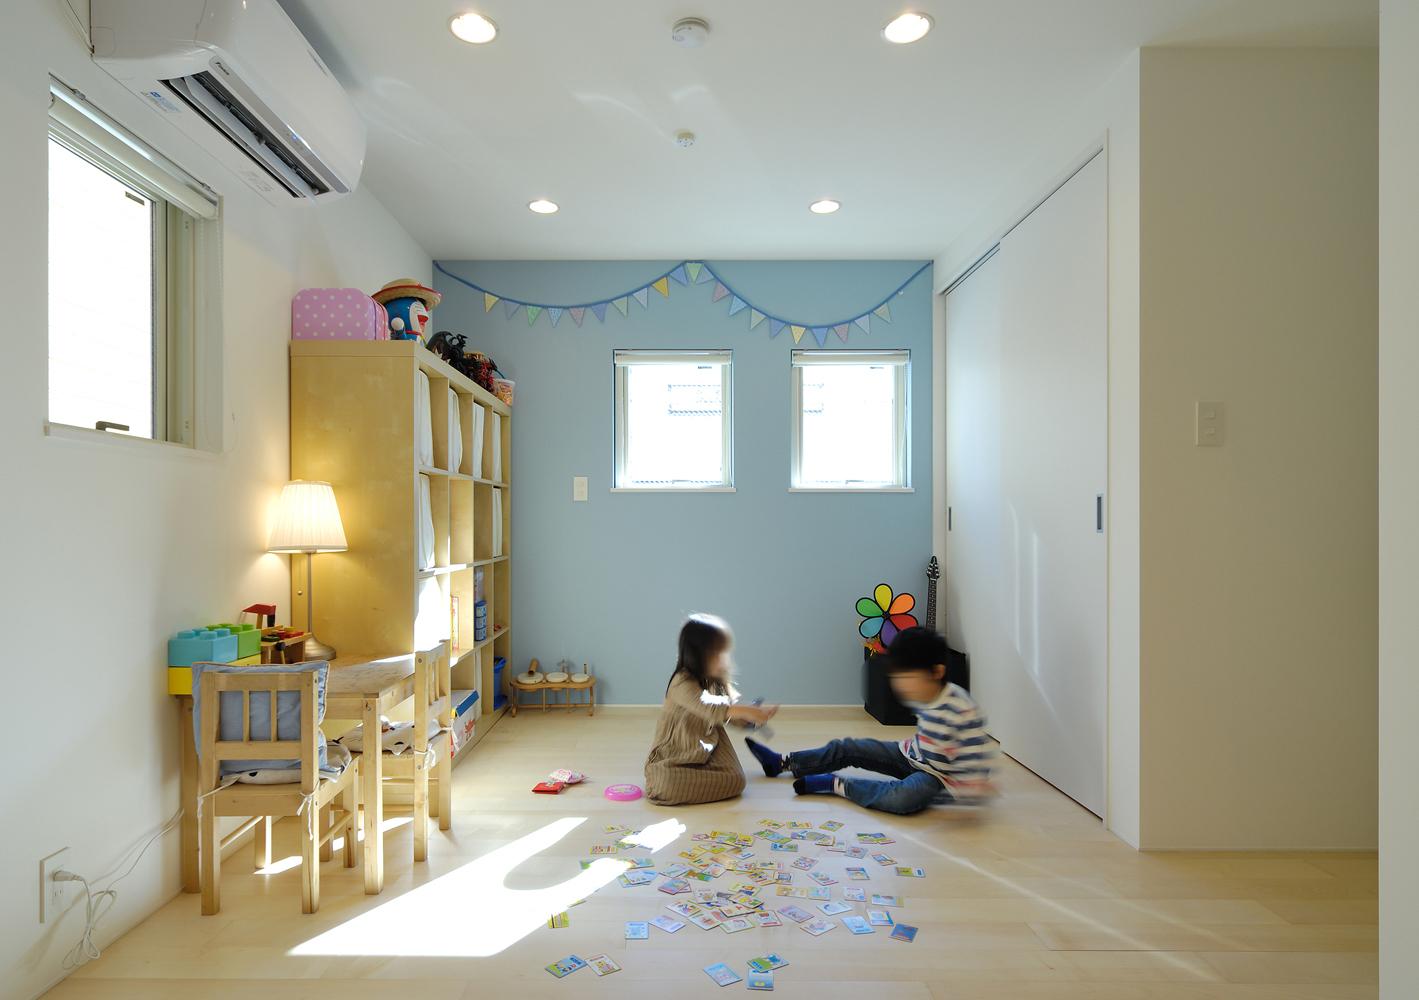 一面だけパステルブルーの壁にし フランスの子供部屋のような空間